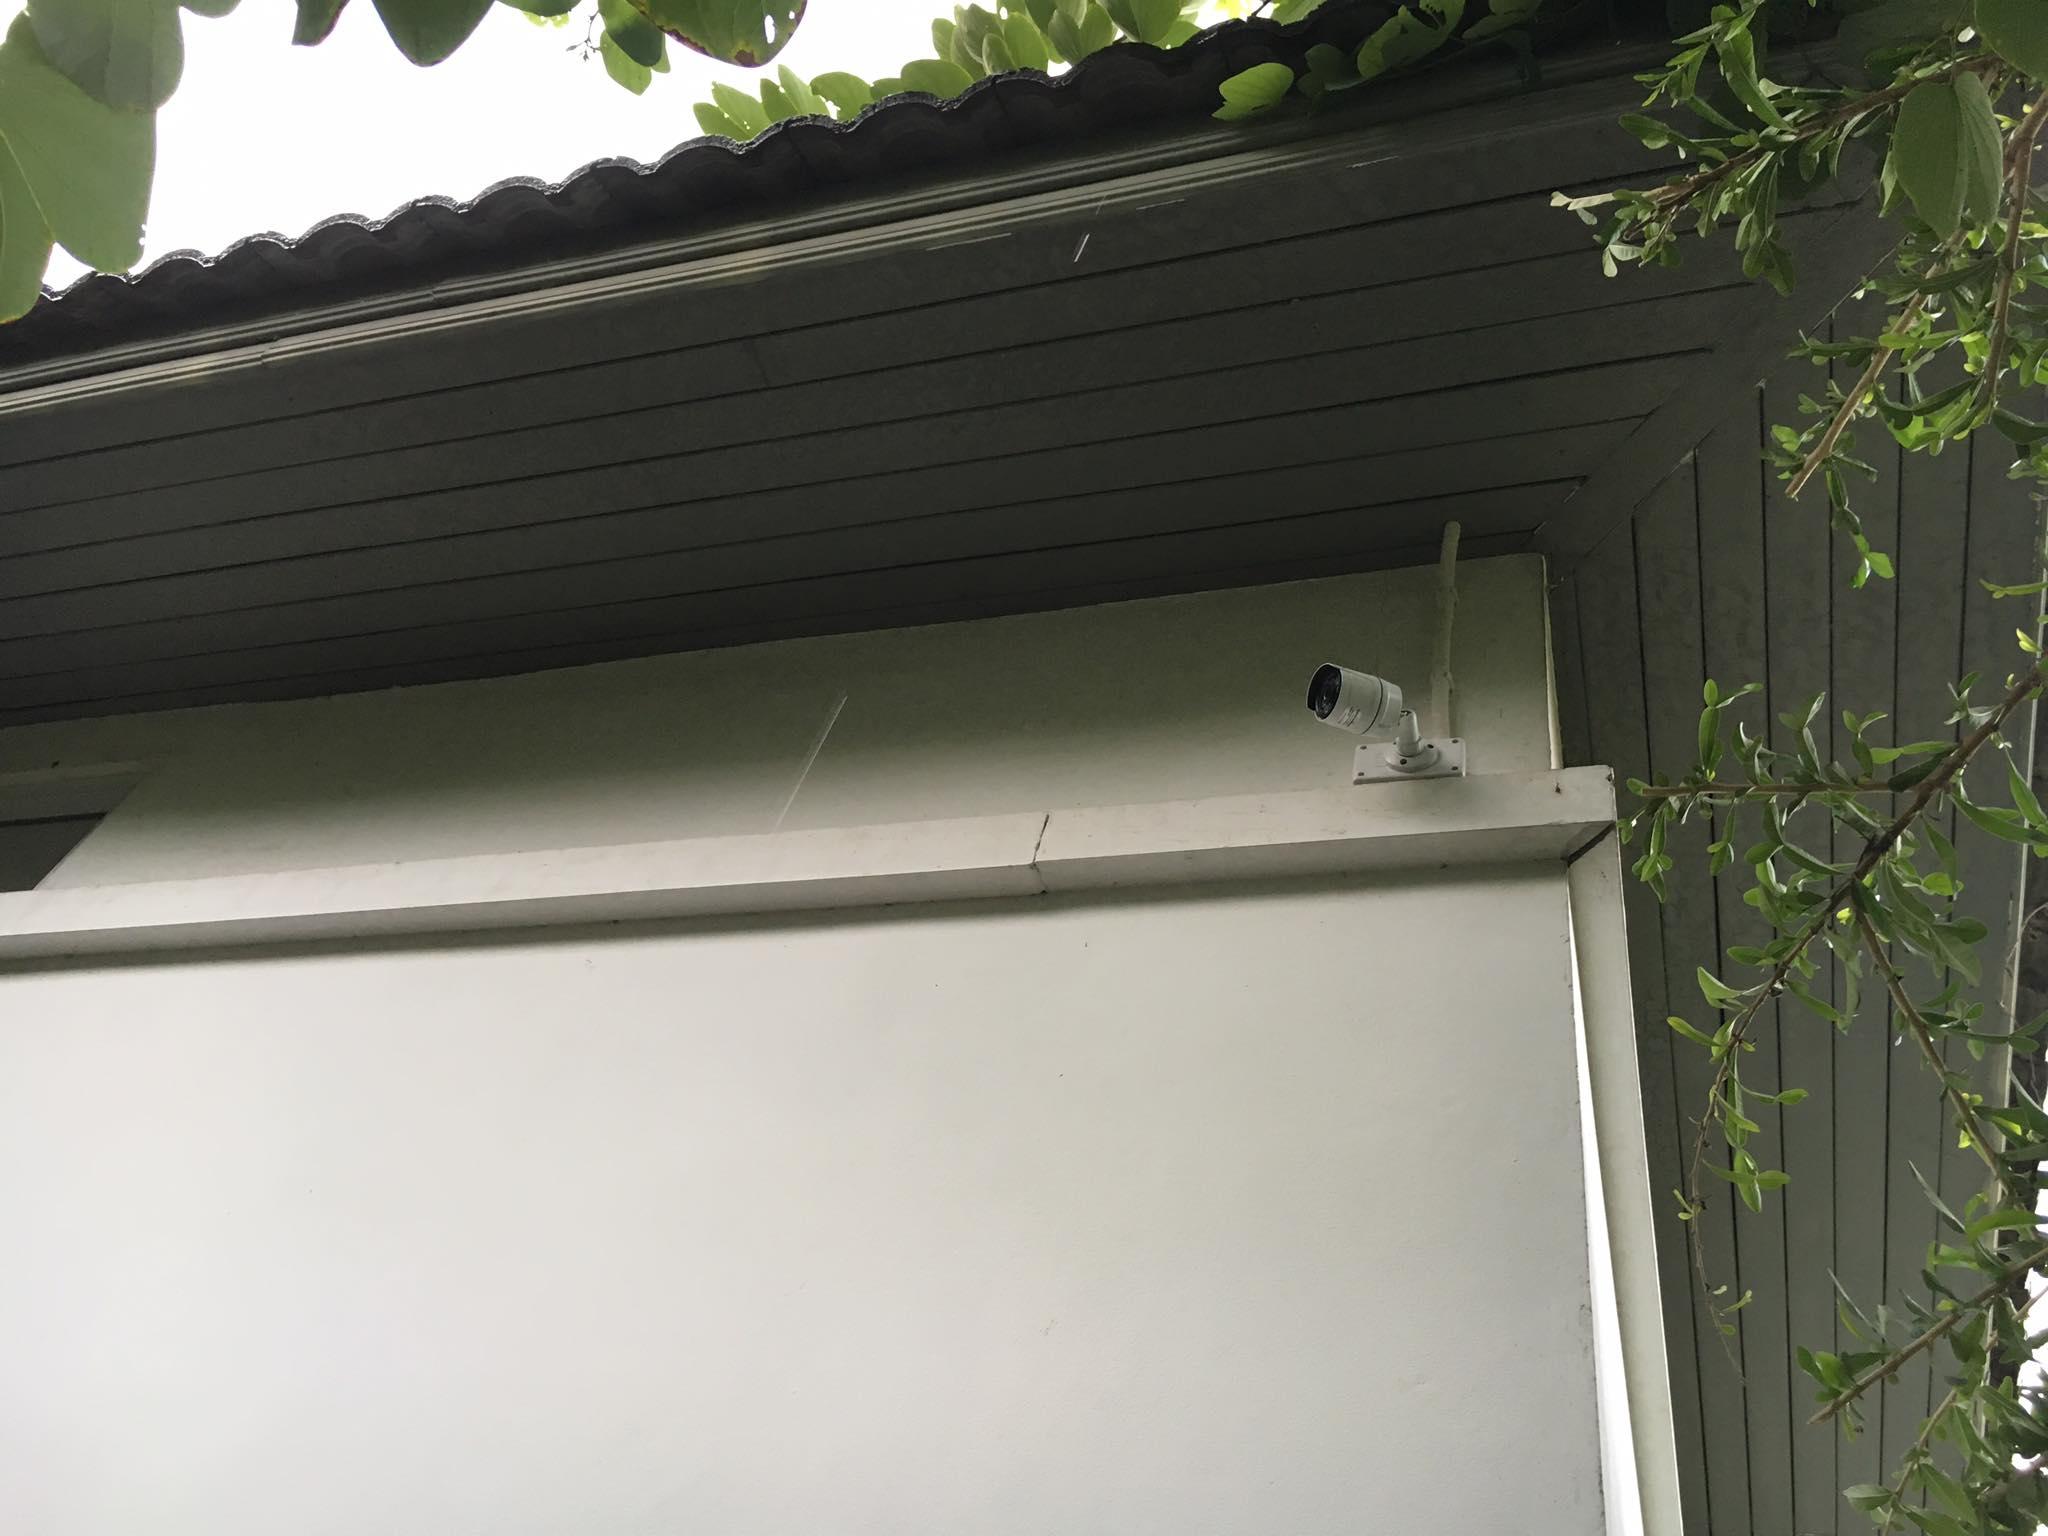 ติดตั้งกล้องวงจรปิด บ้านเดี่ยว ย่านวัชรพล